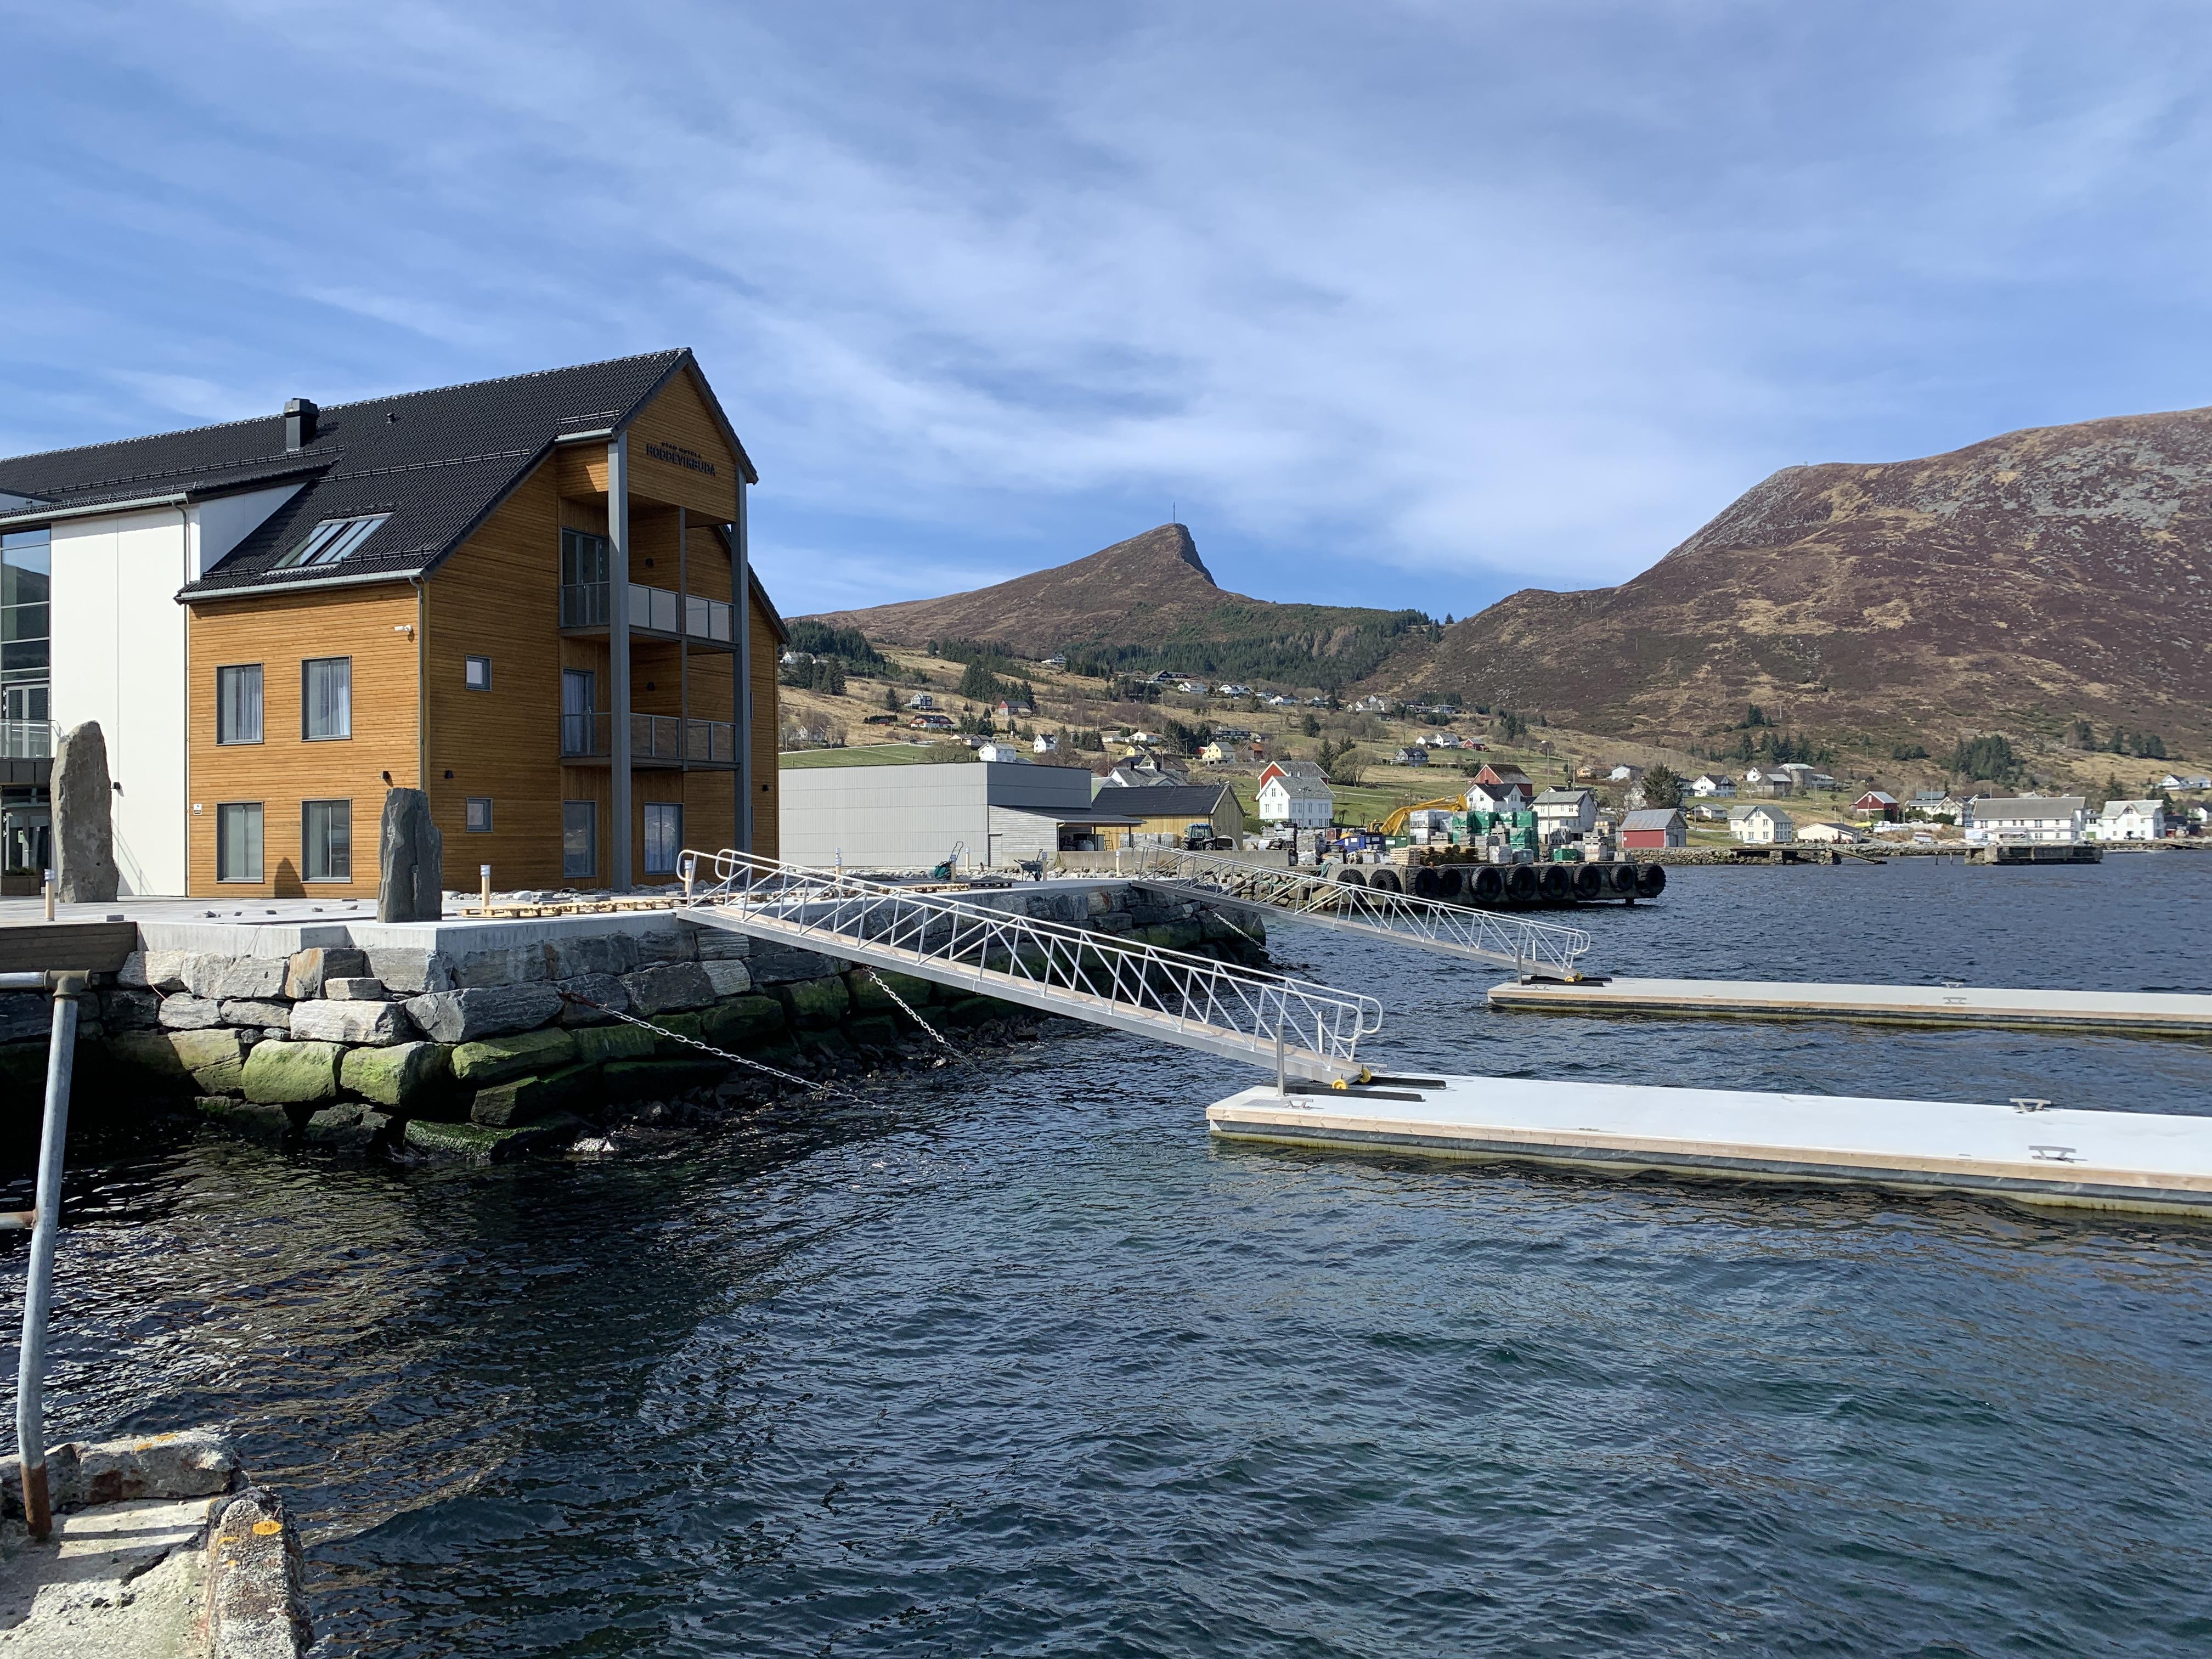 https://marinasolutions.no/uploads/Stadt-hotell_Flytebrygger_Marina-Solutions-4.JPG